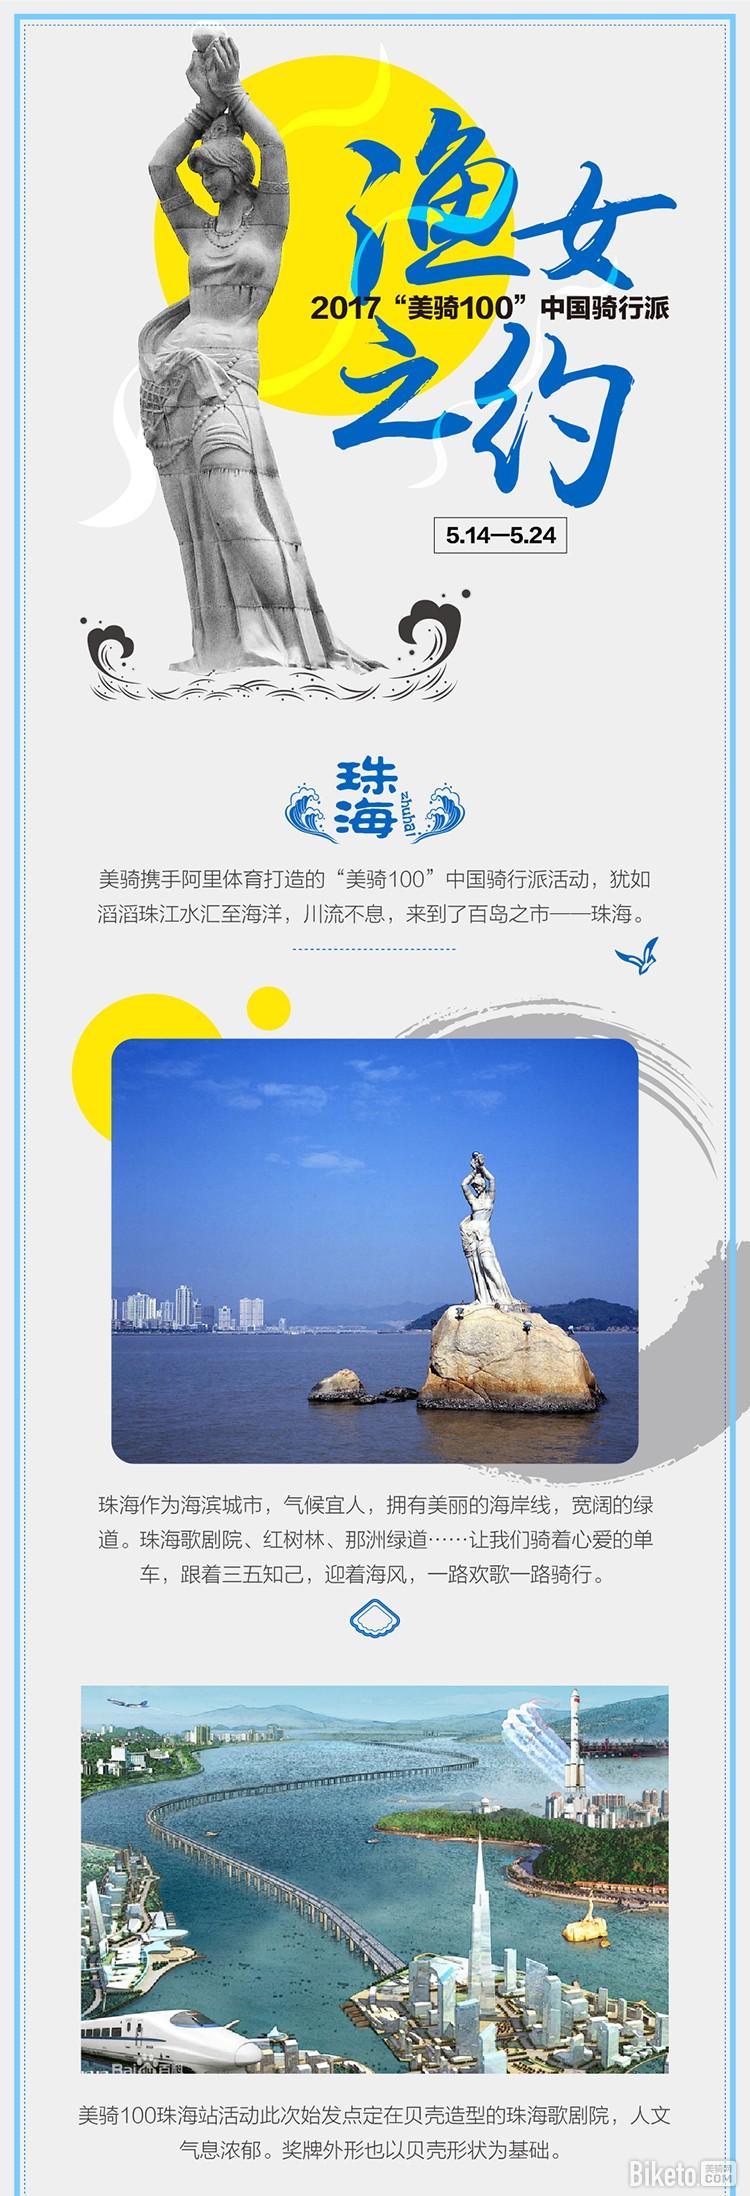 珠海站图01.jpg